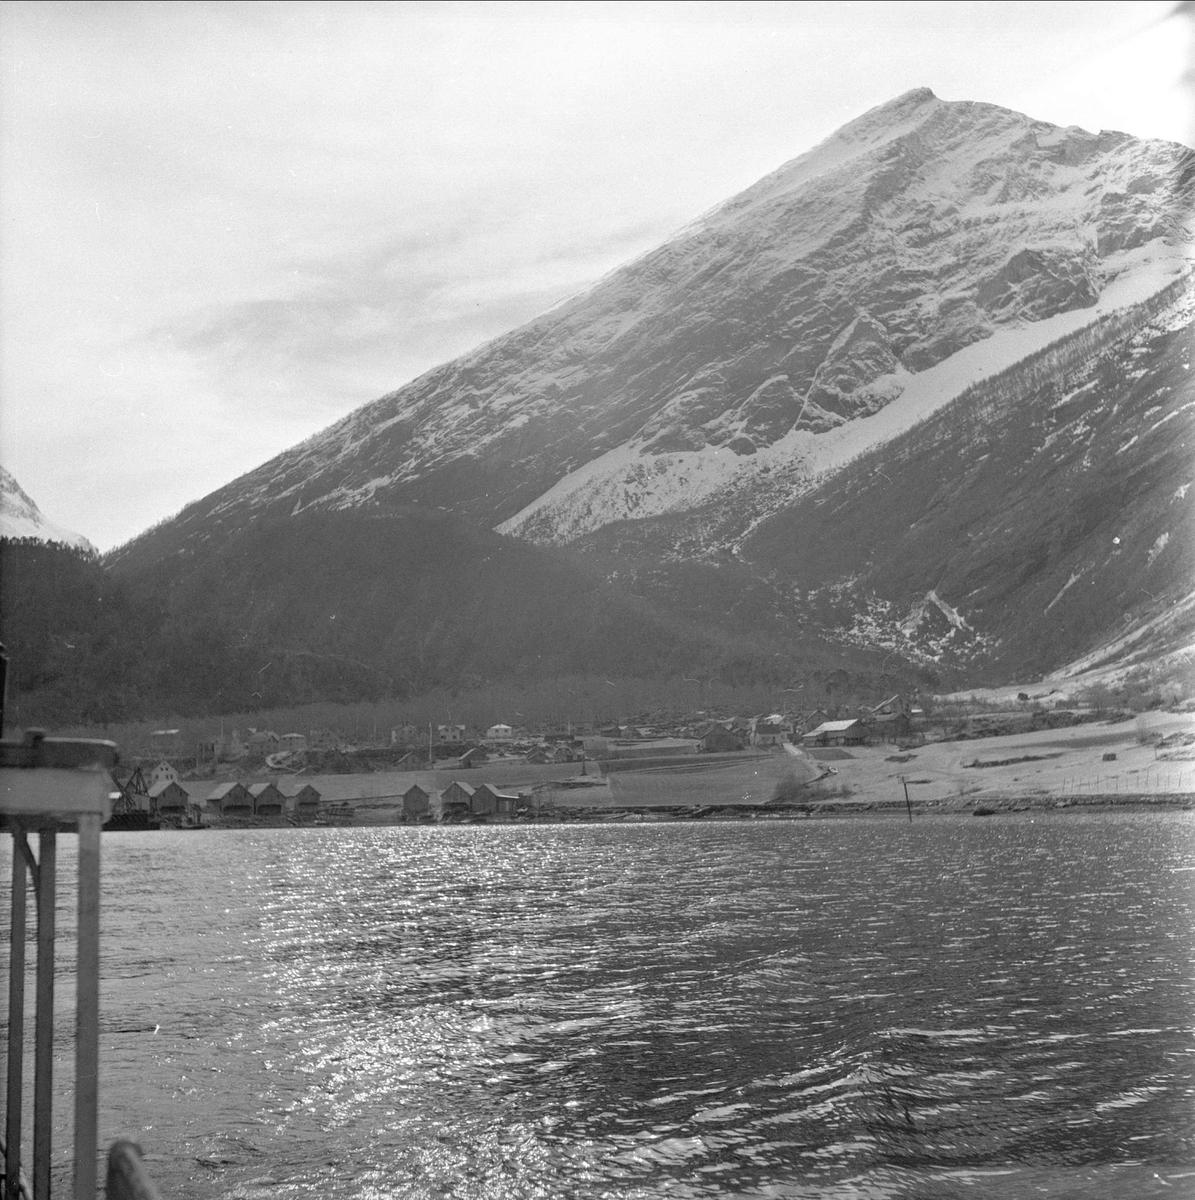 Tafjord, Norddal, Møre og Romsdal. Landskap med bebyggelse.